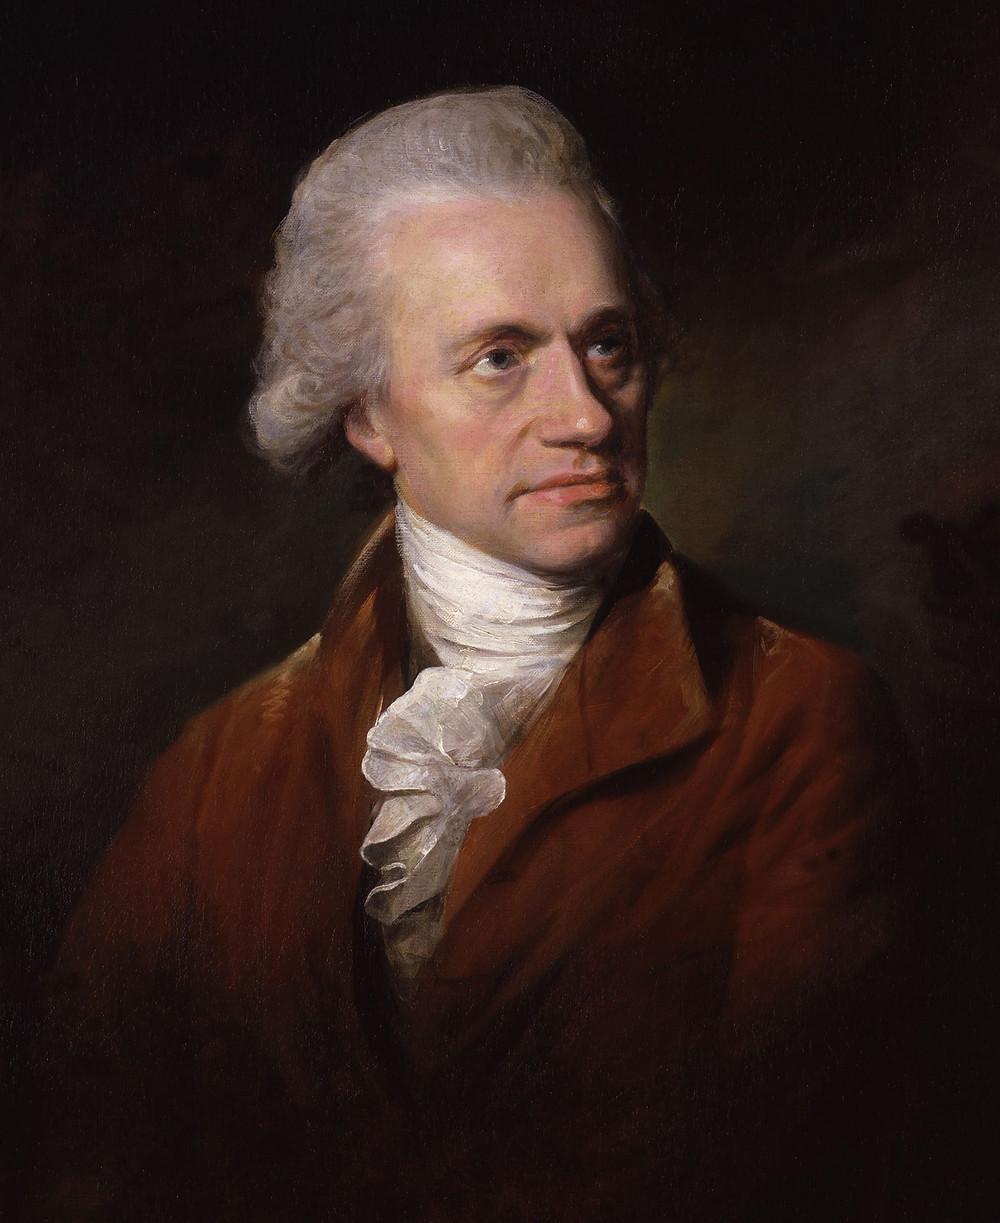 「恆星天文學之父」弗里德里希·威廉·赫雪爾